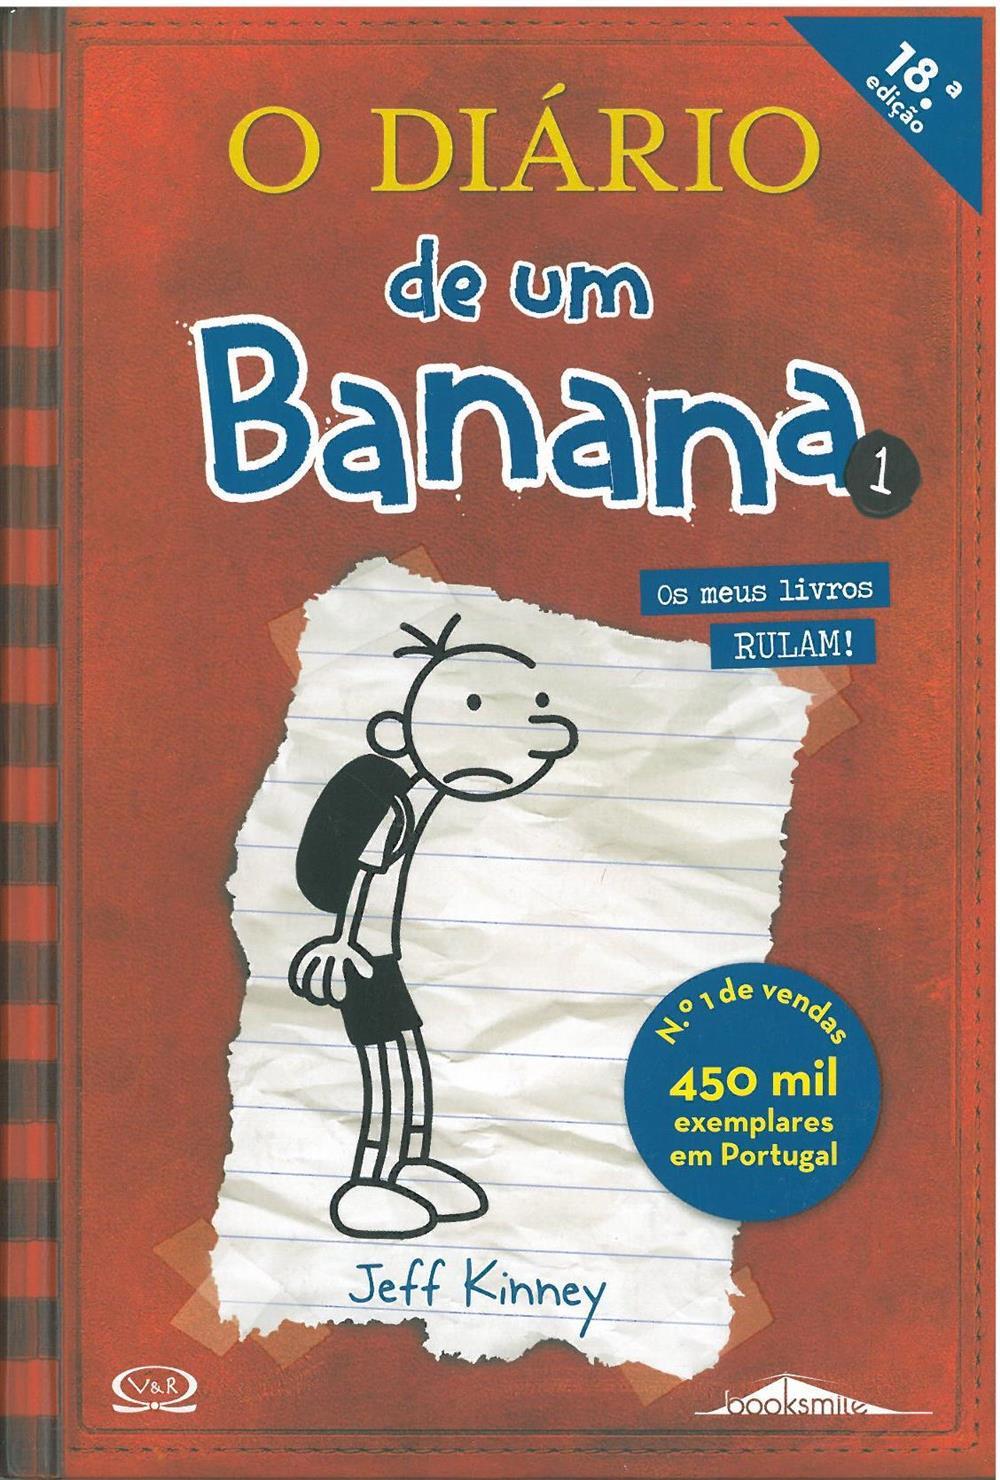 O diário de um banana_1.jpg